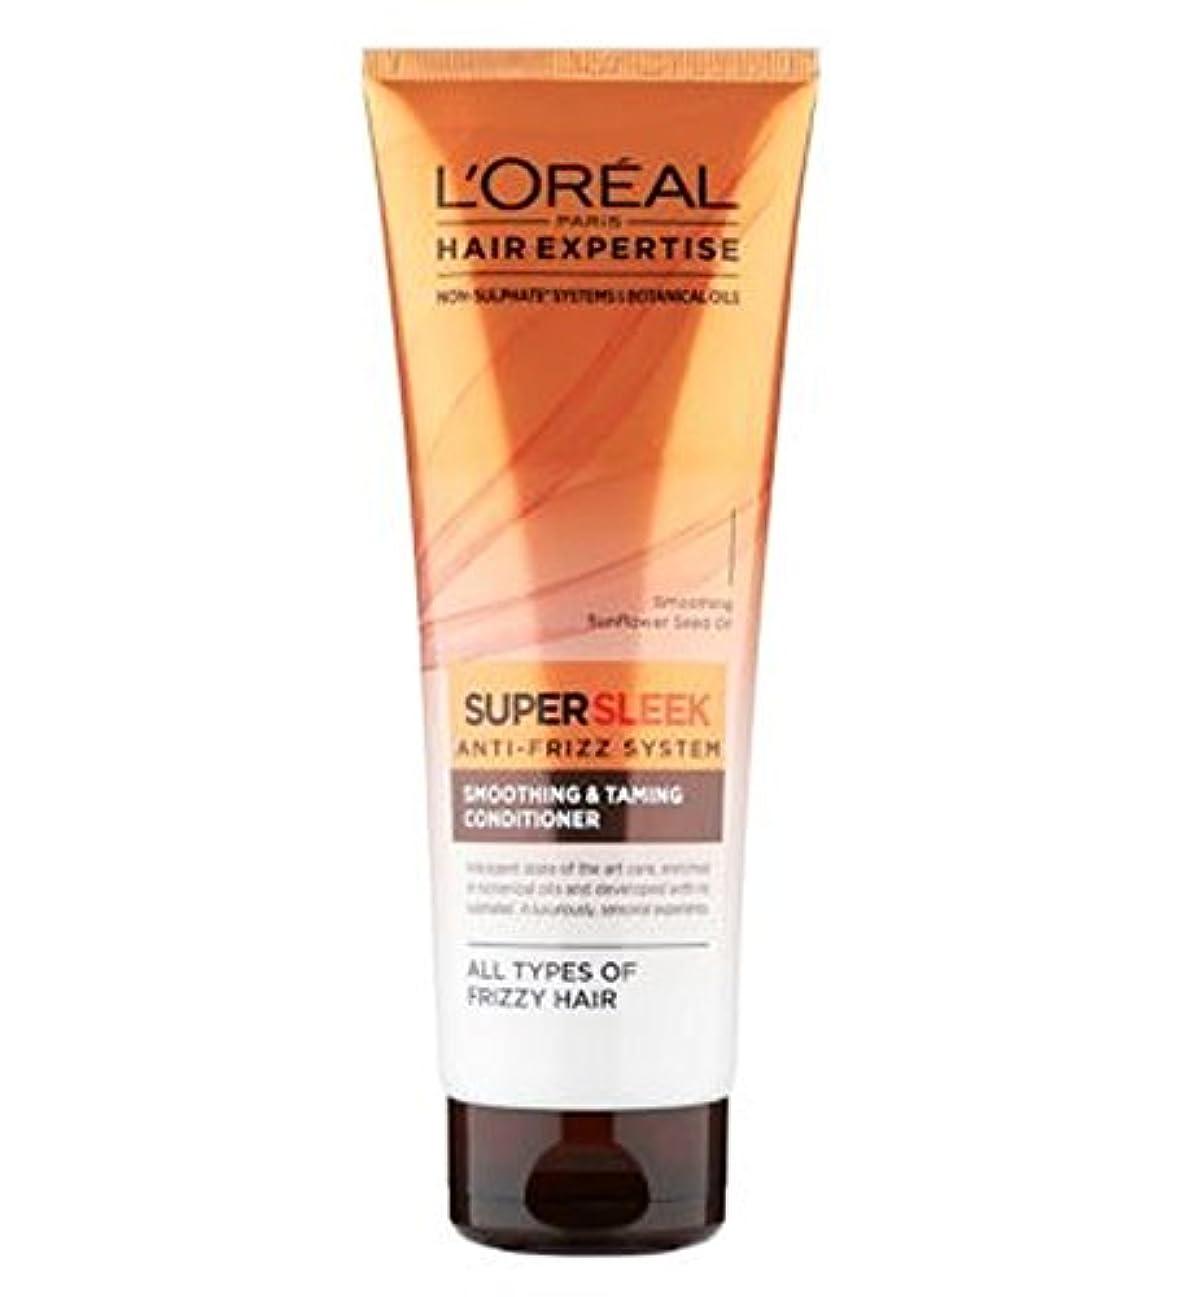 眠るコロニー現象L'Oreall Hair Expertise SuperSleek Conditioner 250ml - L'Oreall髪の専門知識Supersleekコンディショナー250ミリリットル (L'Oreal) [並行輸入品]